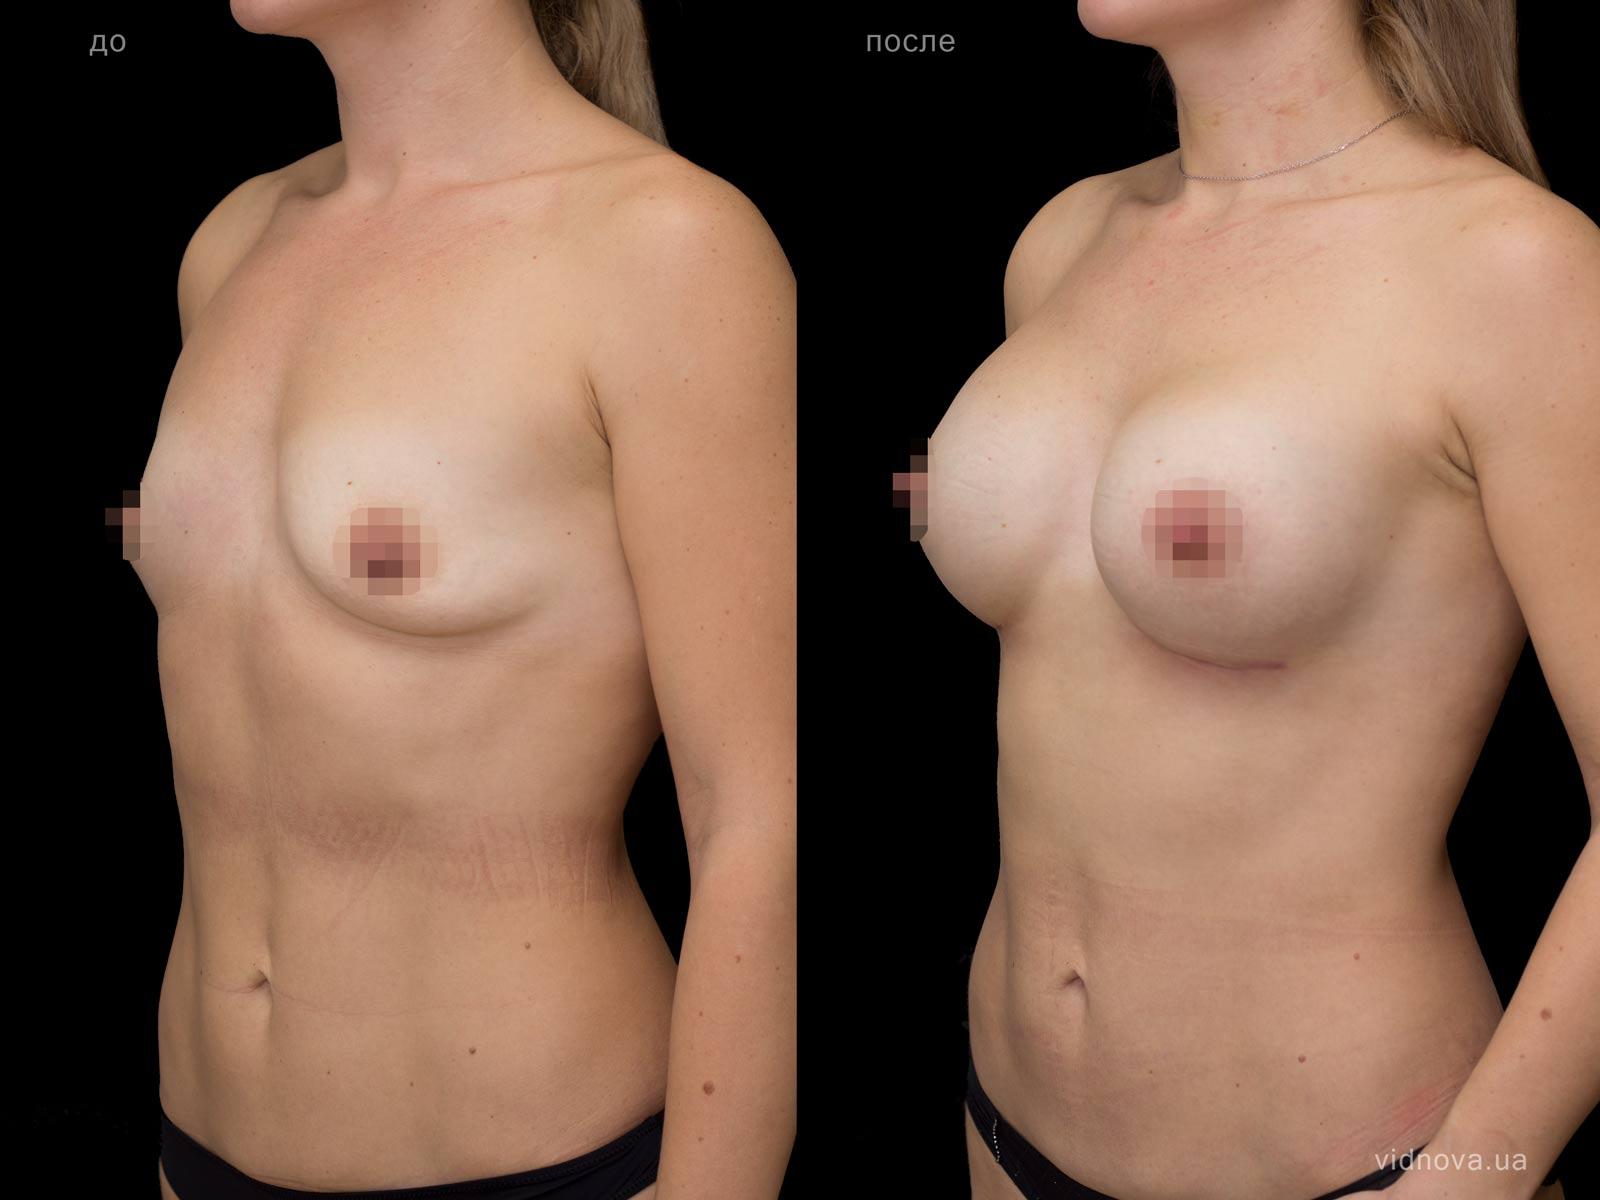 Пластика груди: результаты до и после - Пример №71-1 - Светлана Работенко